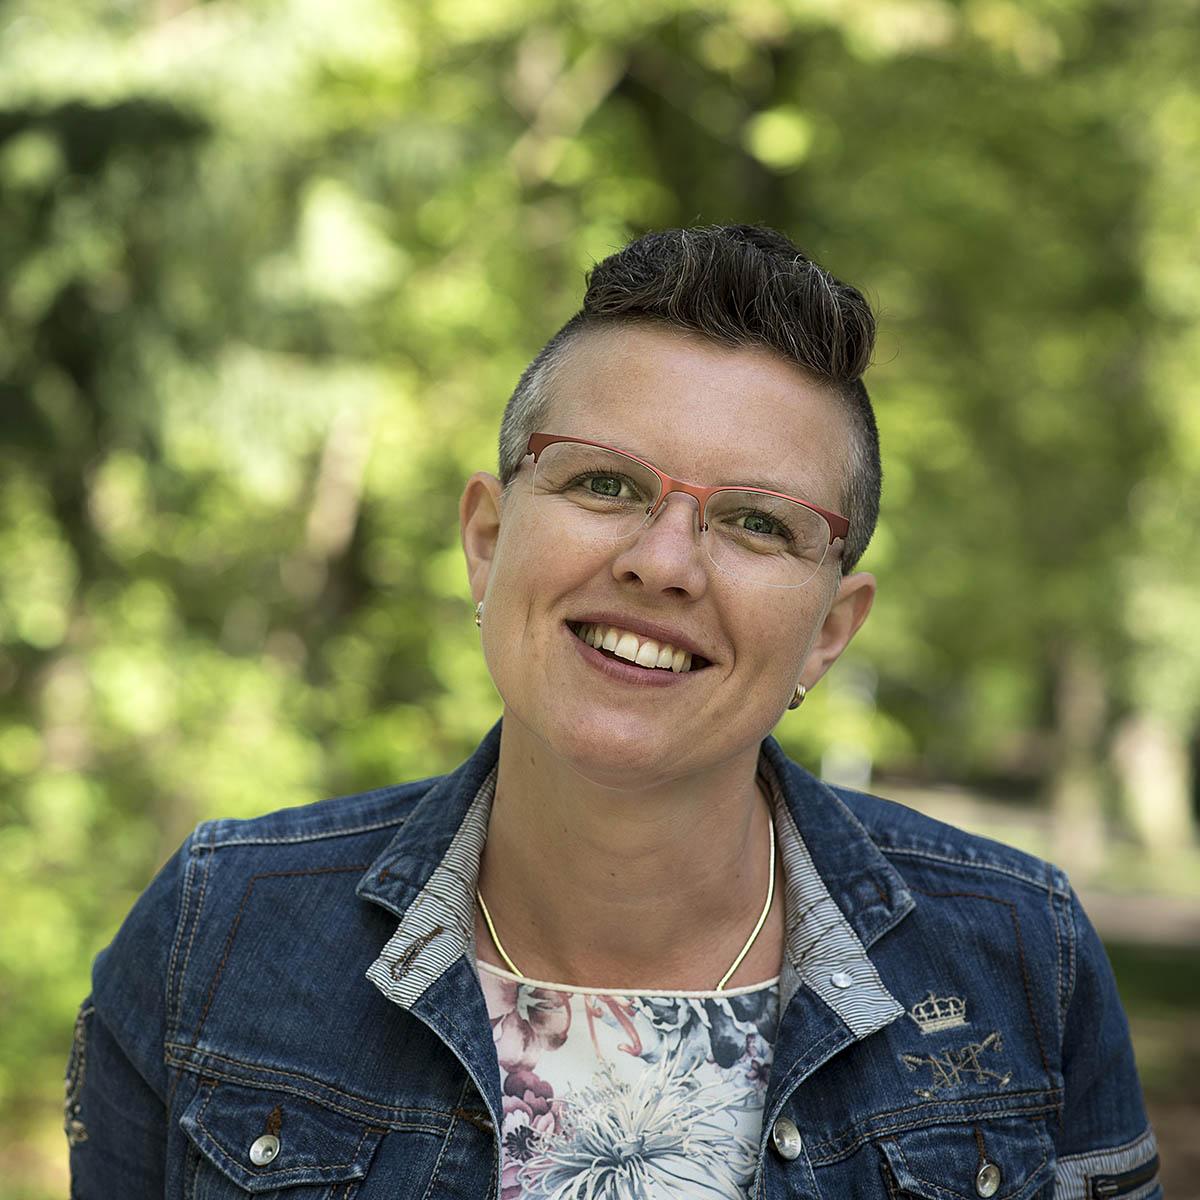 Mariska van der Hoek